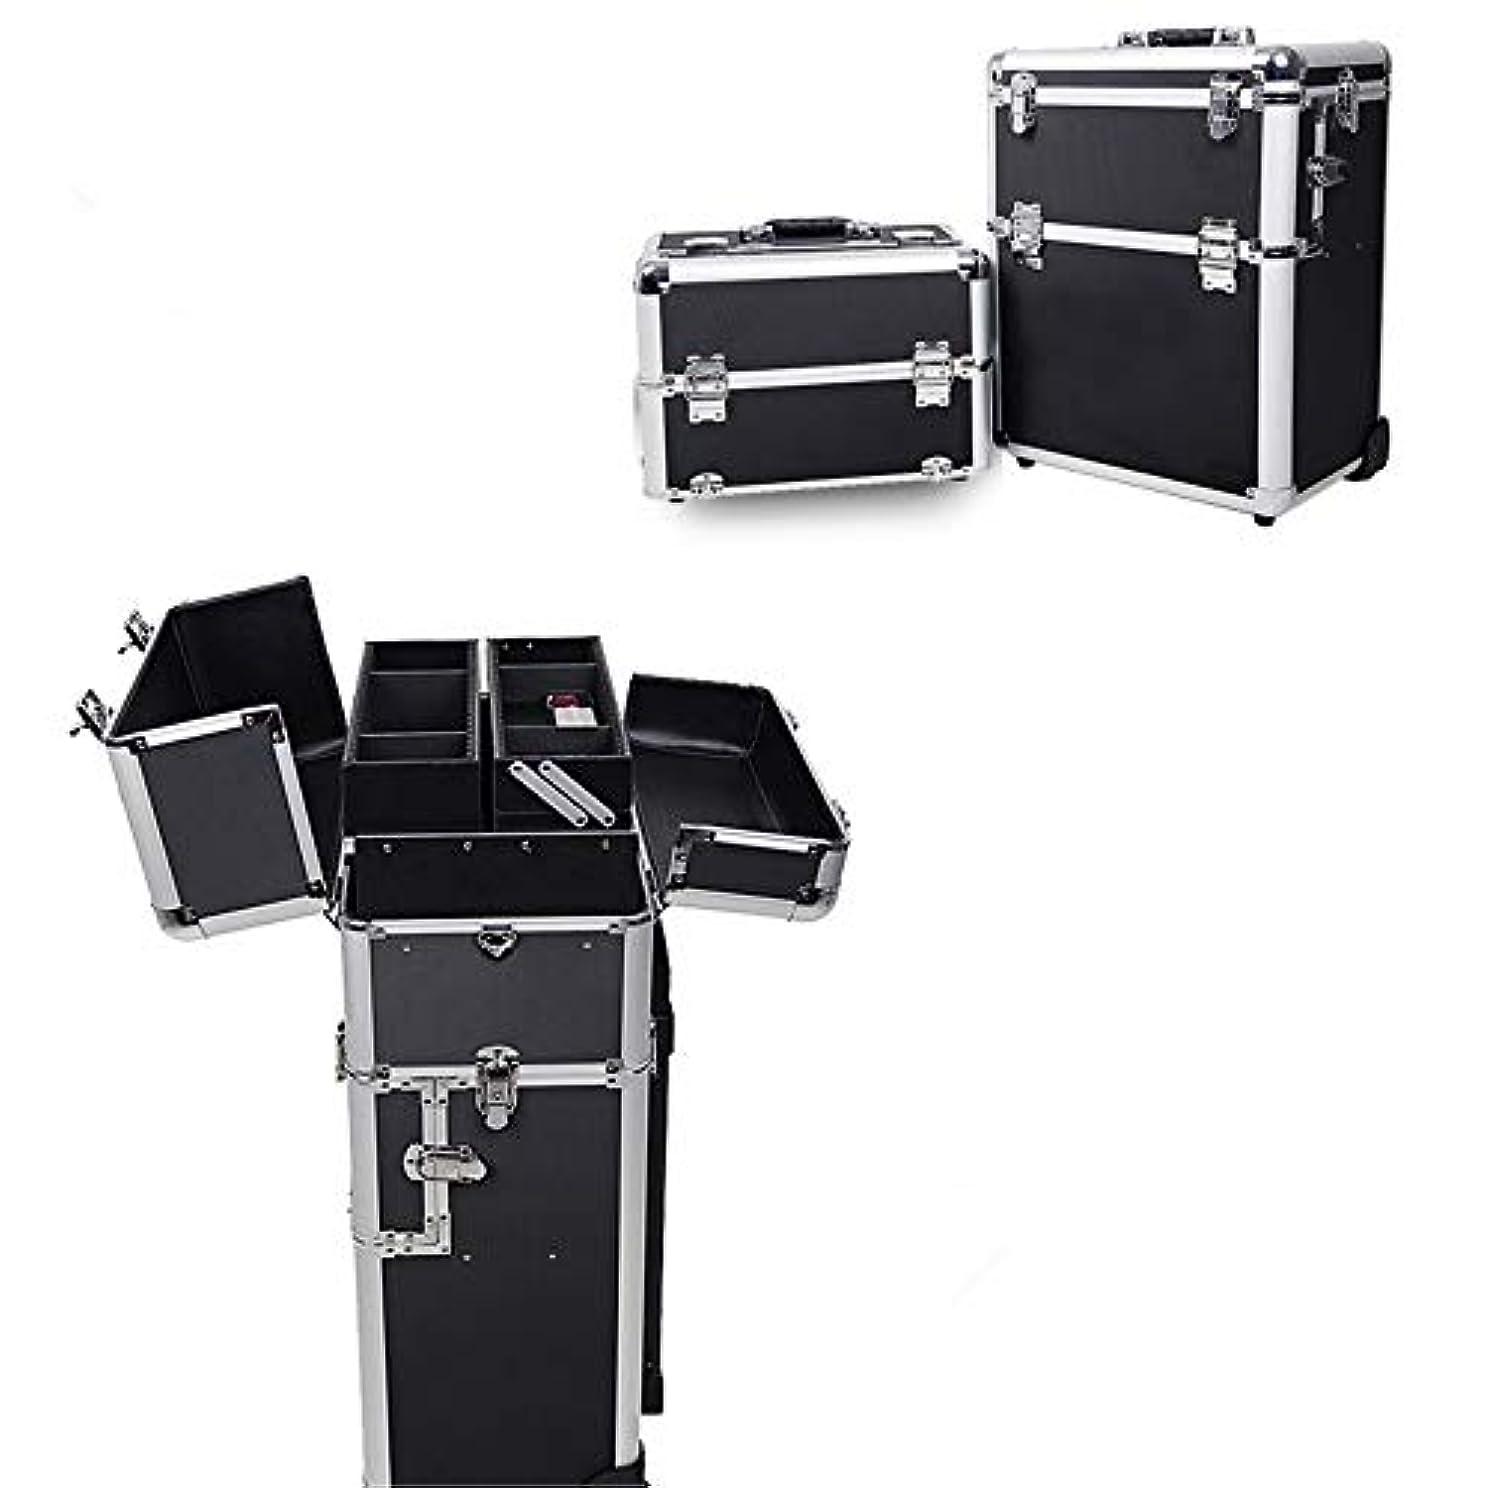 巻き取り特許セメント化粧オーガナイザーバッグ 旅行メイクバッグ3層スーツケースメイク化粧品バッグポータブルトイレタージュ化粧ケース 化粧品ケース